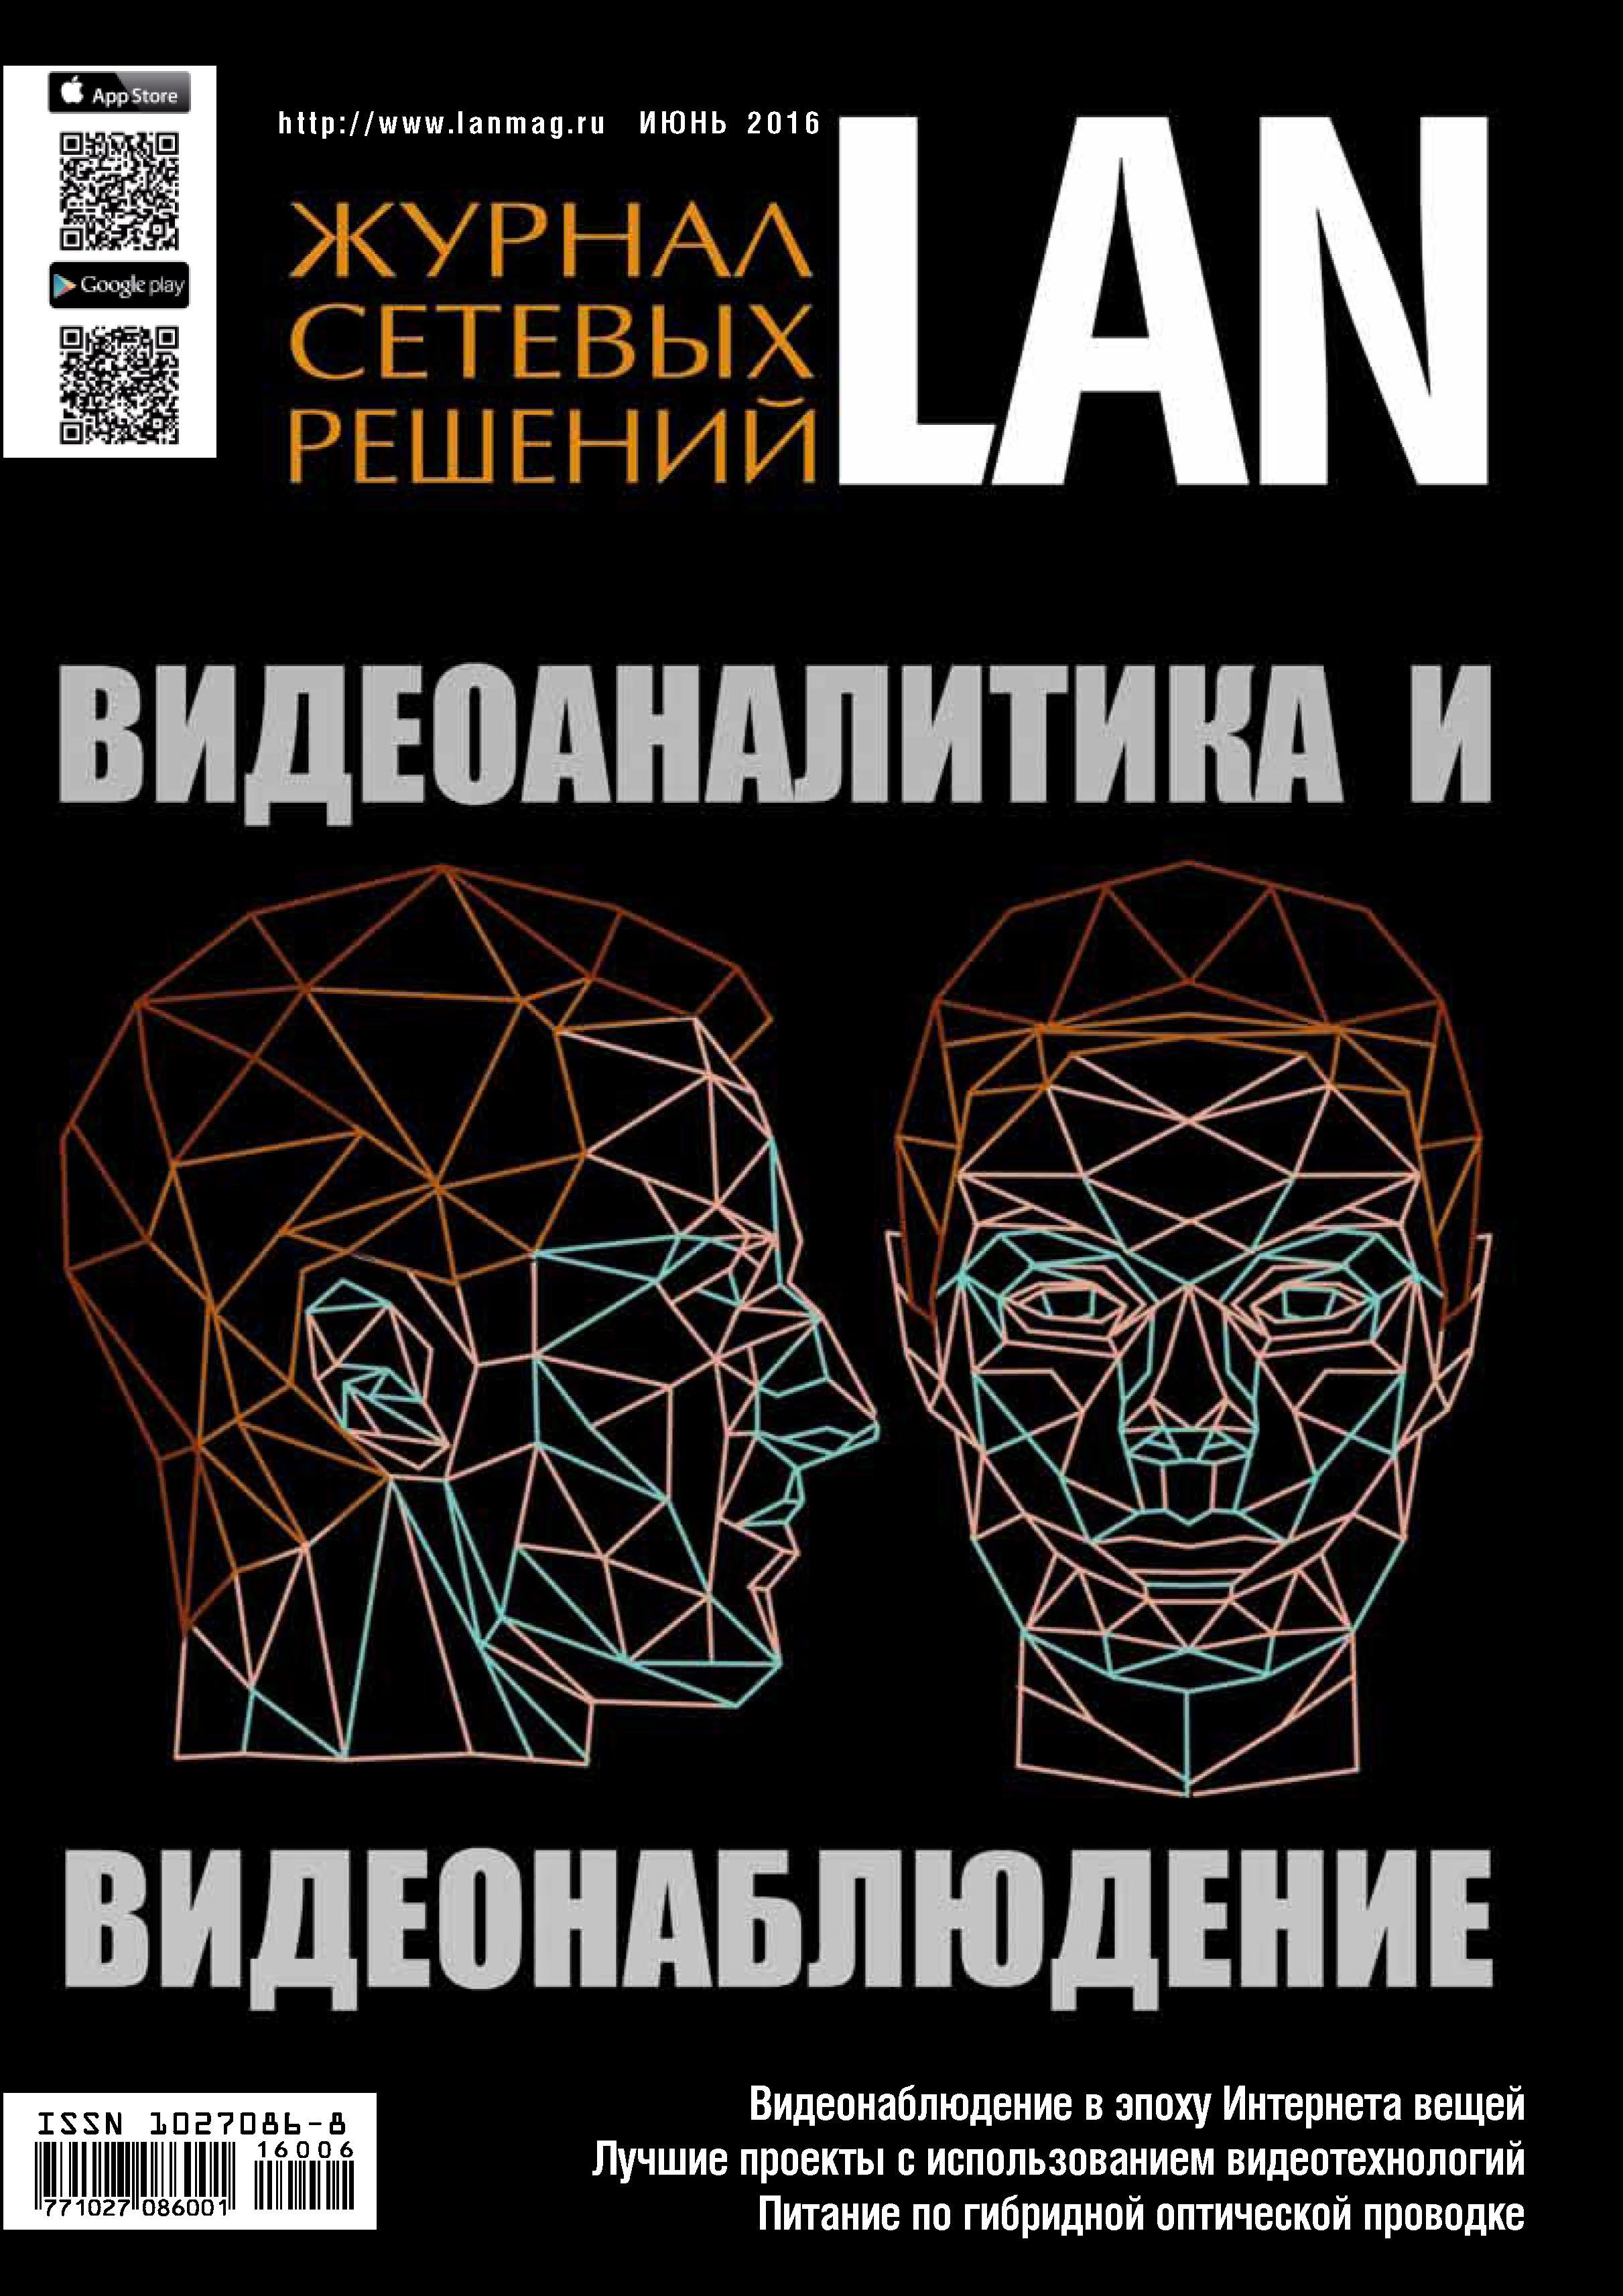 Открытые системы Журнал сетевых решений / LAN №06/2016 открытые системы журнал сетевых решений lan 06 2016